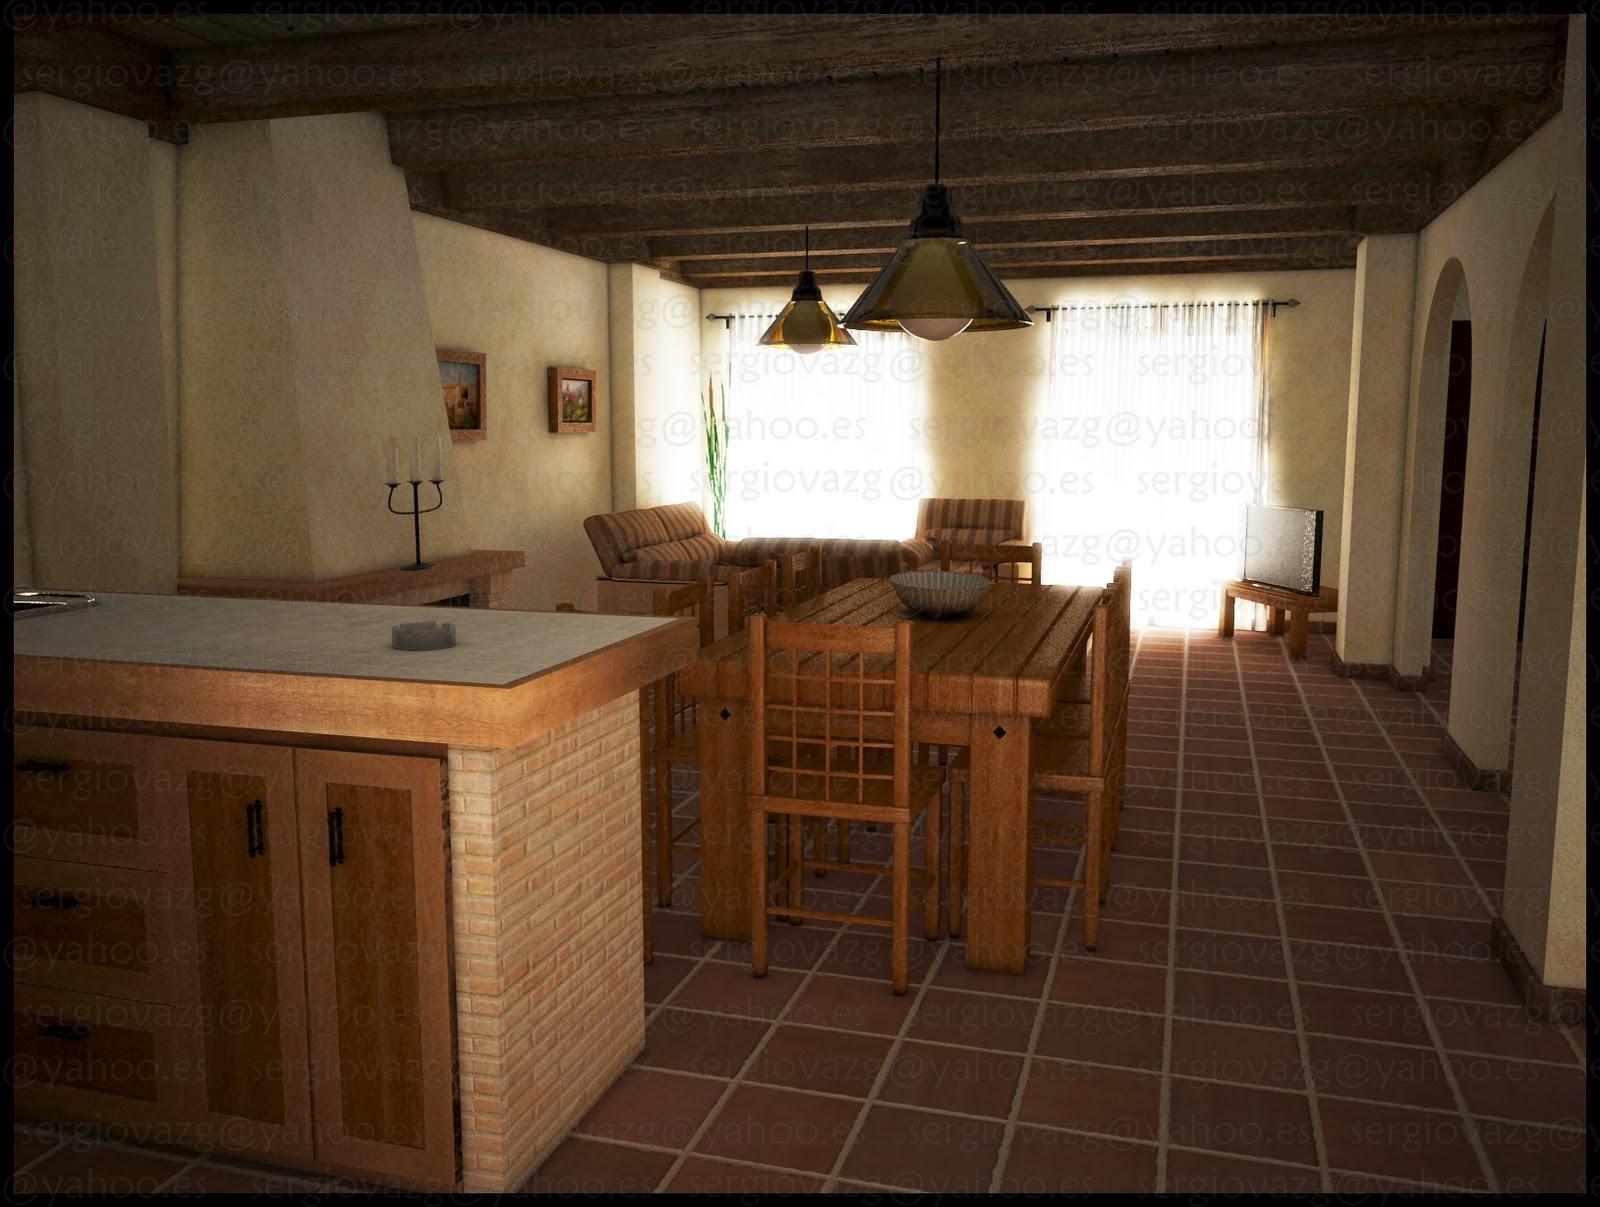 3dgr fica interiores casa rural - Casa rural piscina interior ...